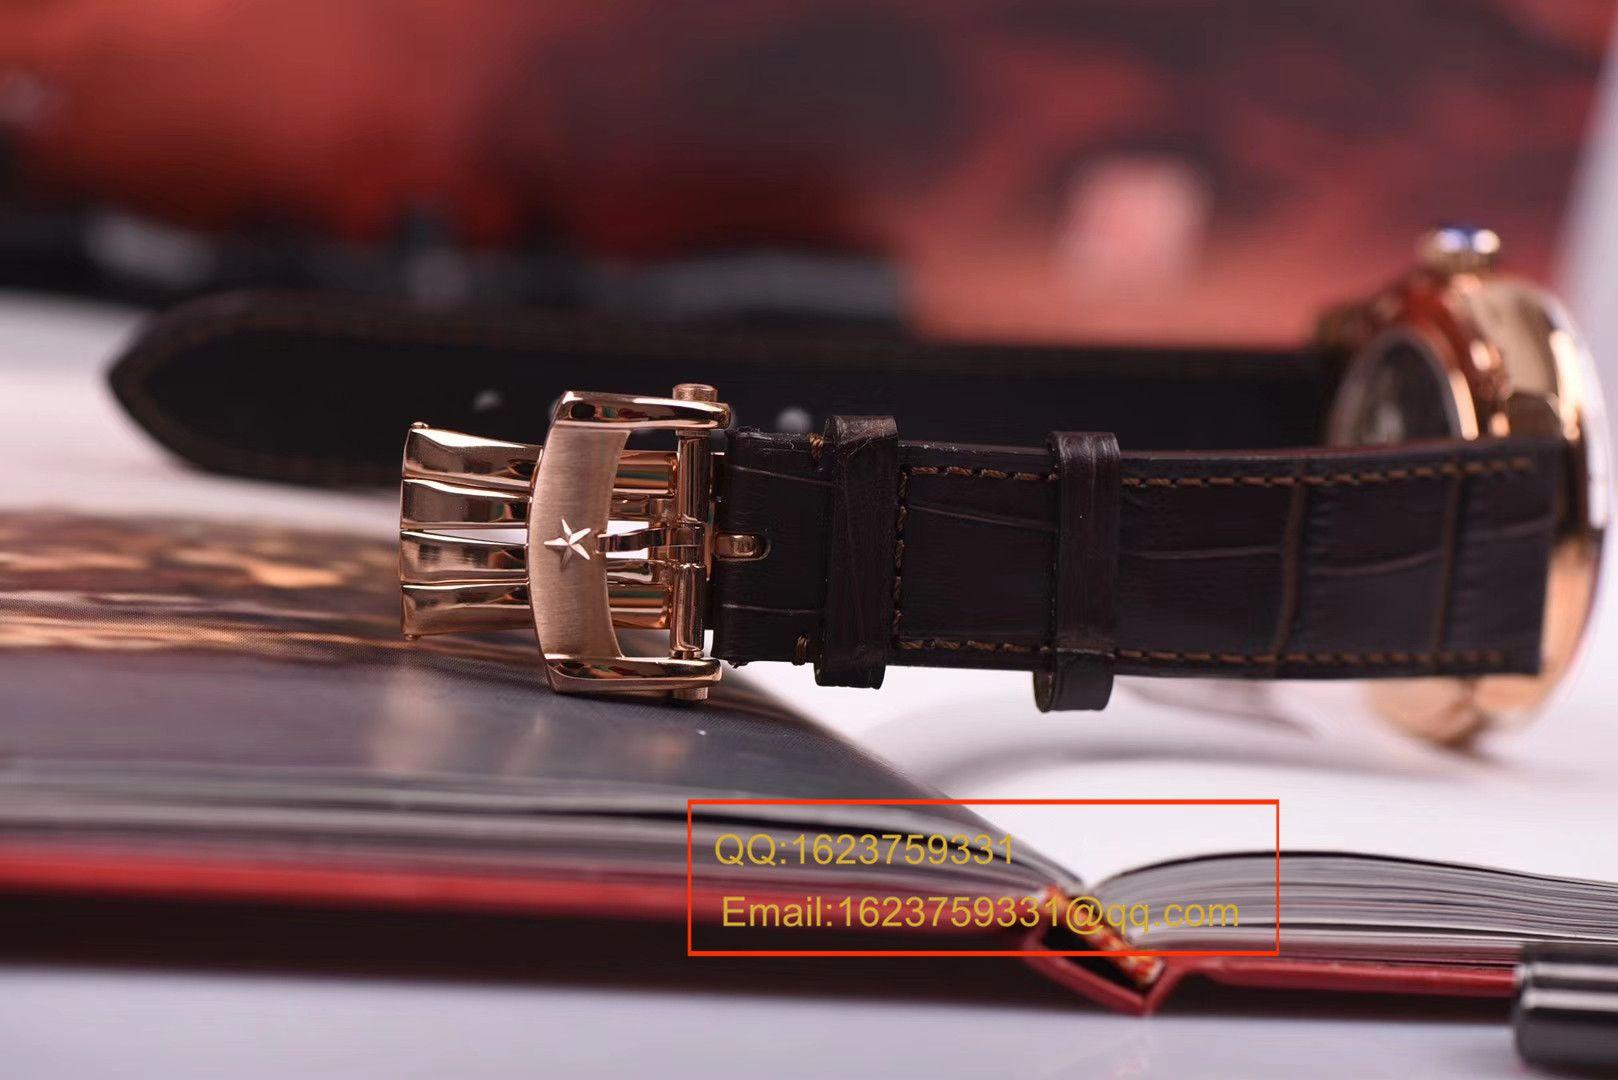 【视频评测】BM厂一比一超A高仿真力时ACADEMY系列镂空玫瑰金陀飞轮腕表 / ZSLEA038